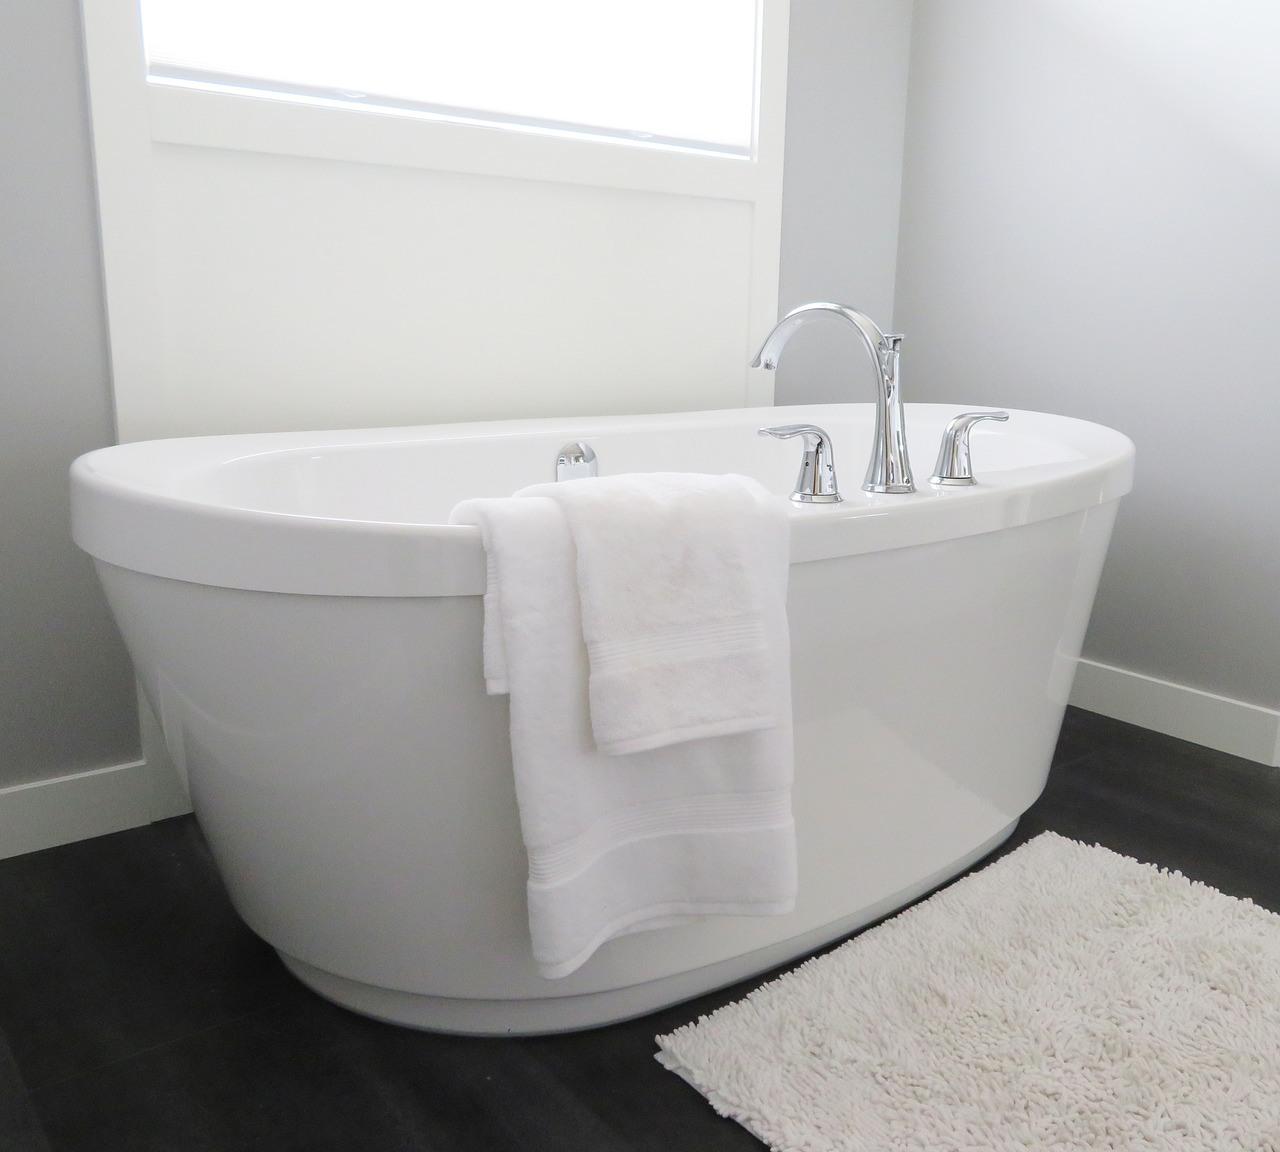 Få luksus tilbage i badeværelset med maling af badekar